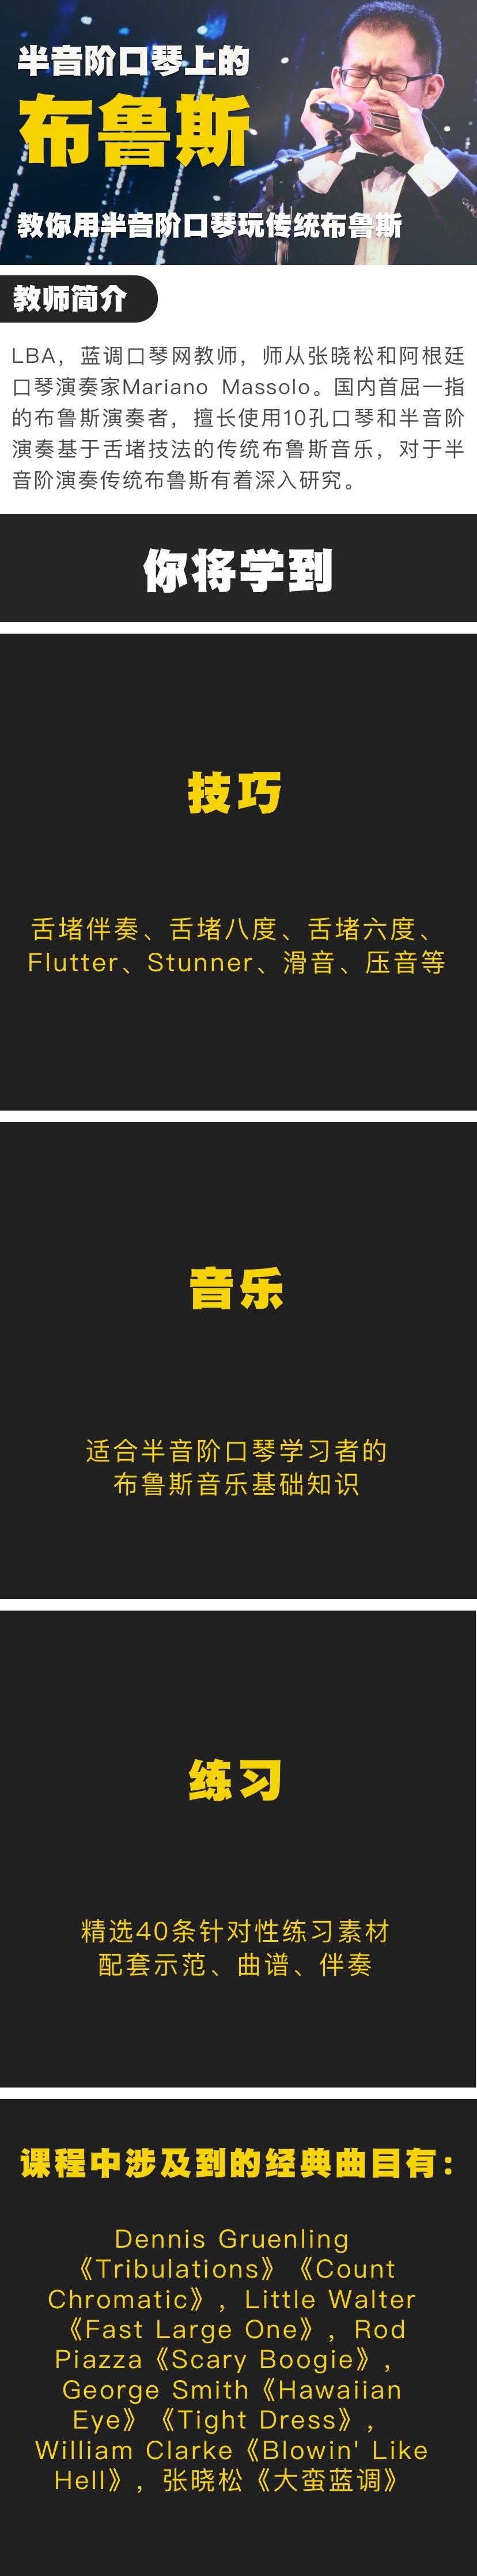 微信图片_20210911103852.jpg